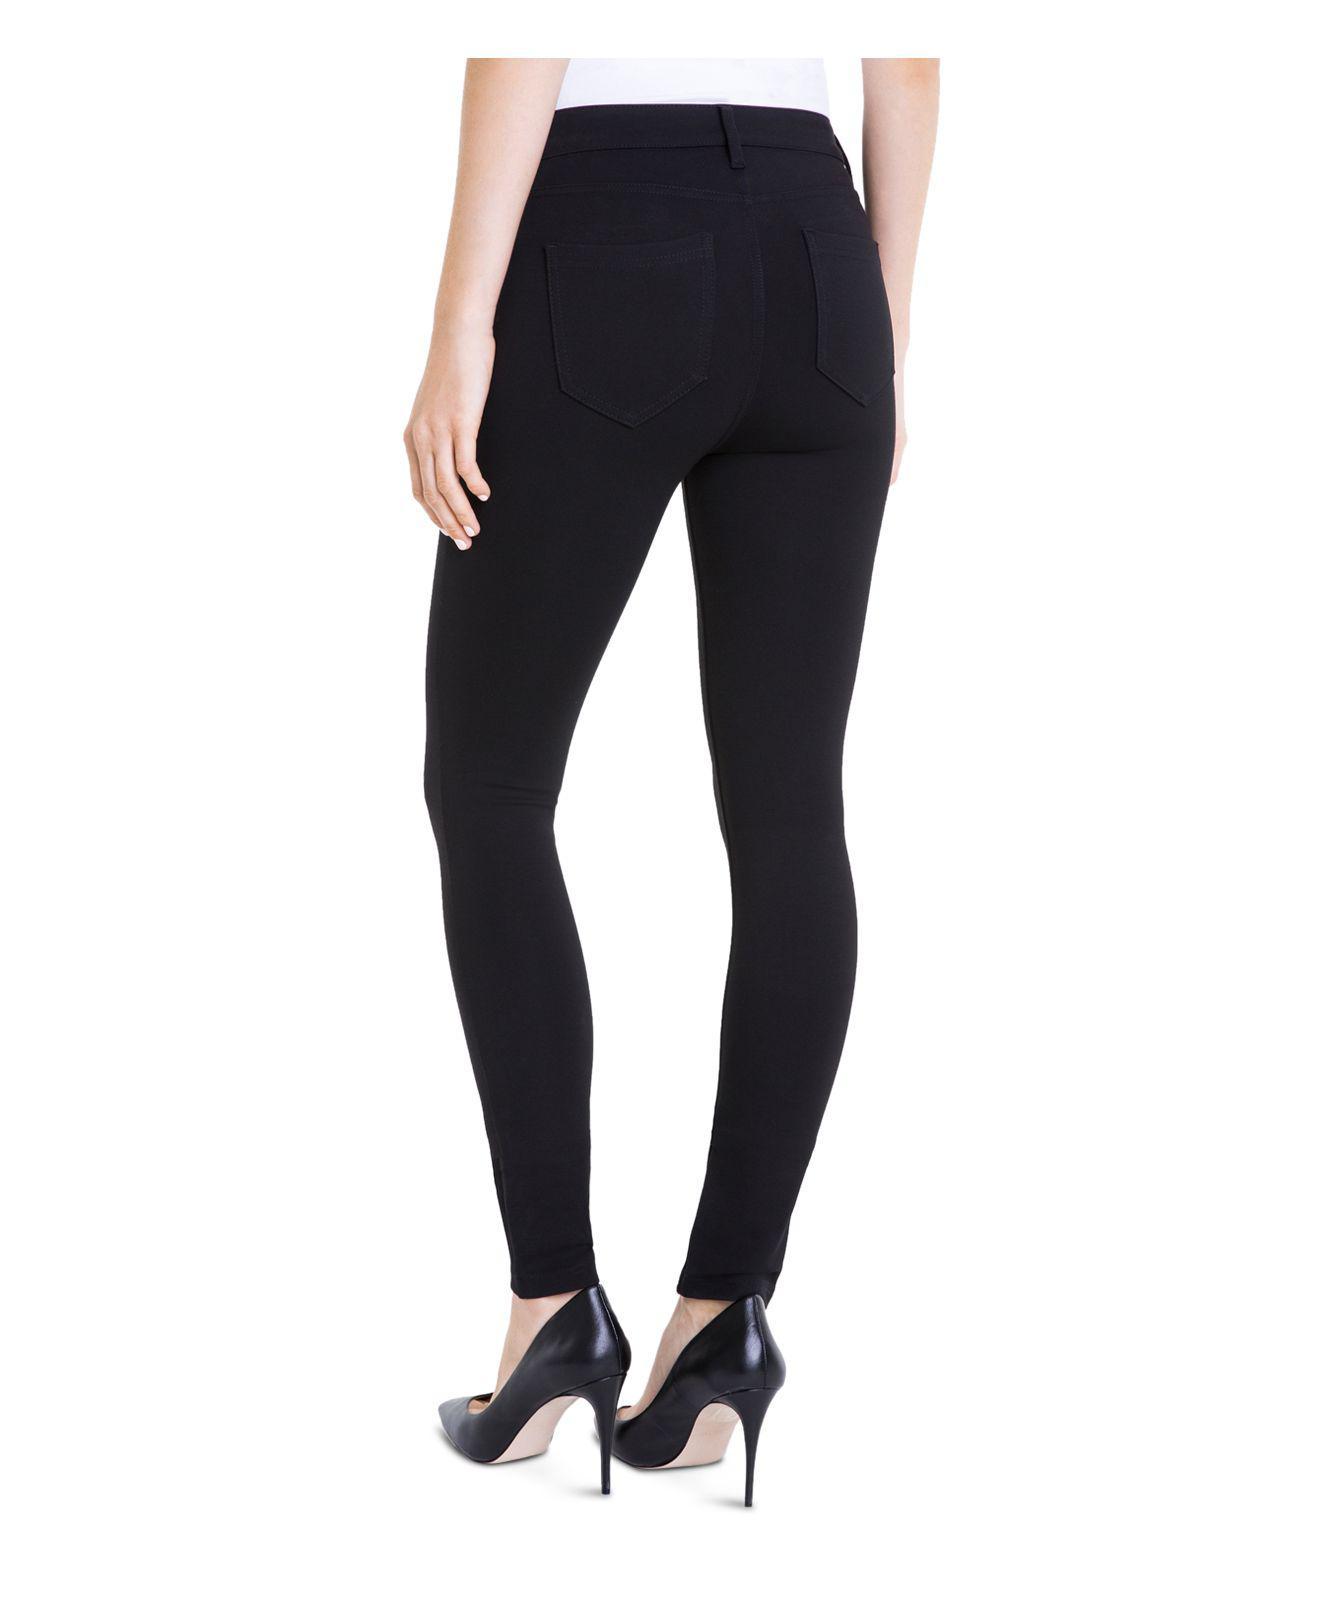 Liverpool Jeans Company Denim Madonna Skinny Legging Jeans In Black